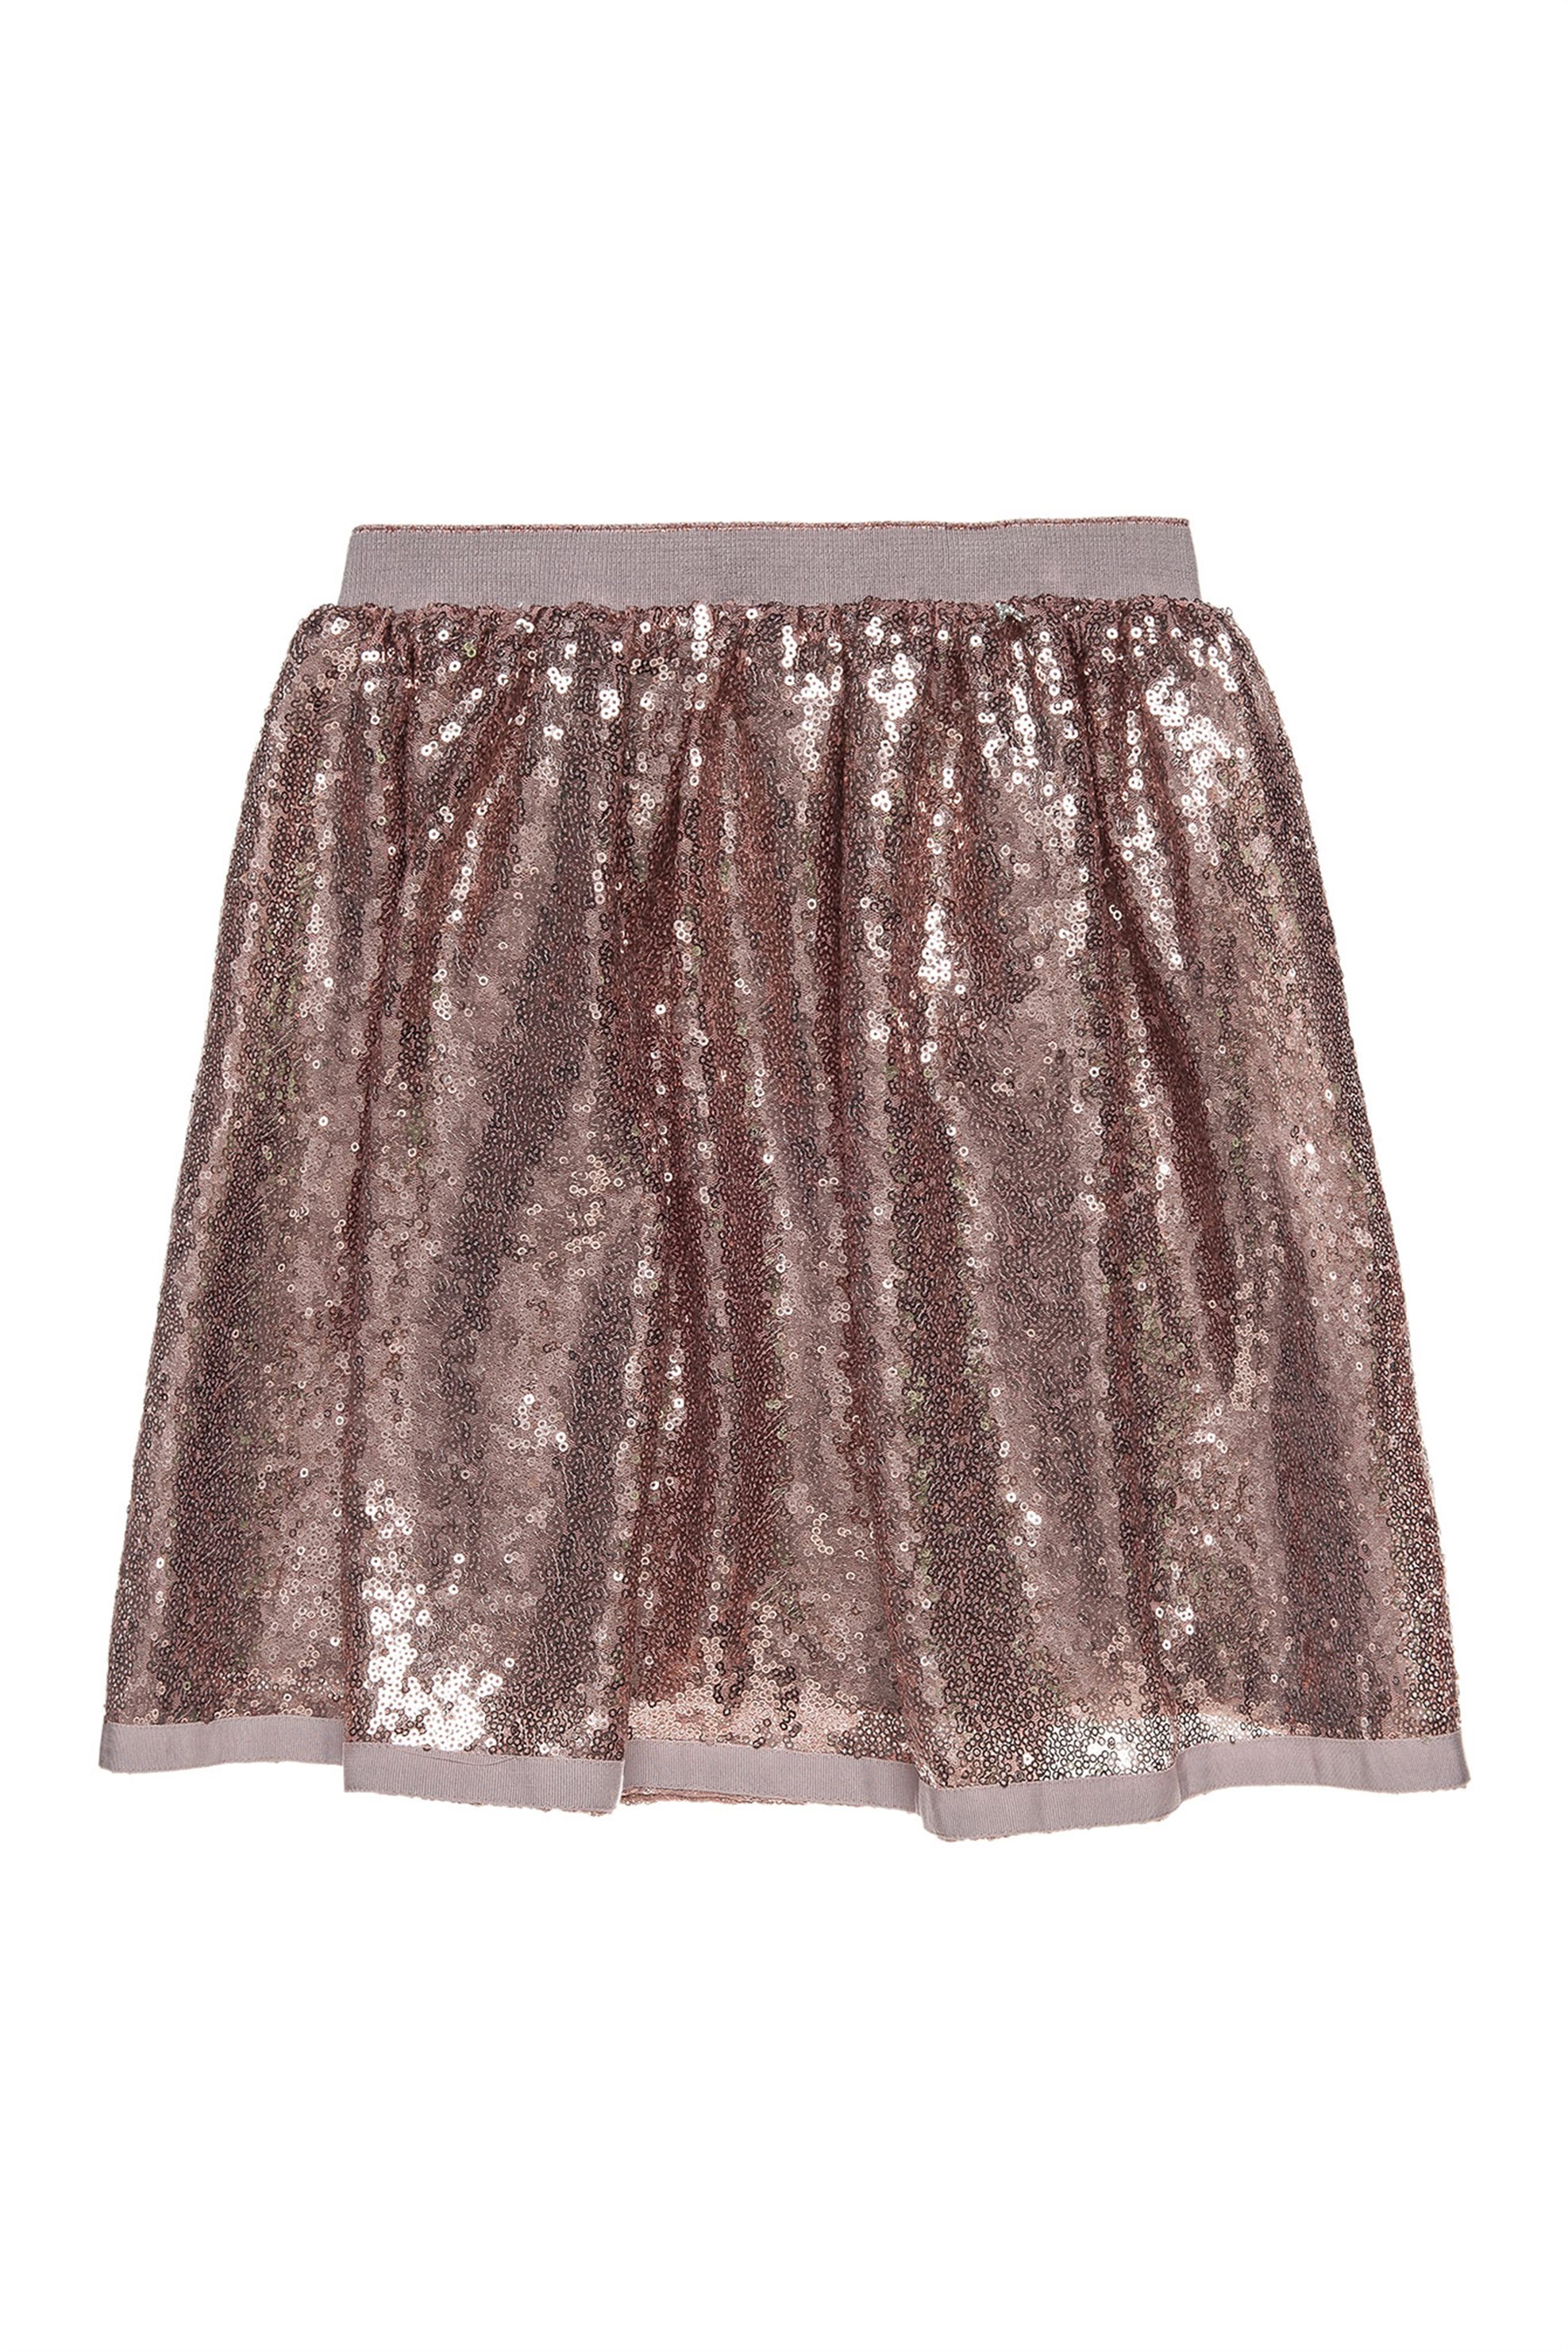 Alouette Παιδική Φούστα Κλος Με Παγιέτες - 00941726 - Ροζ